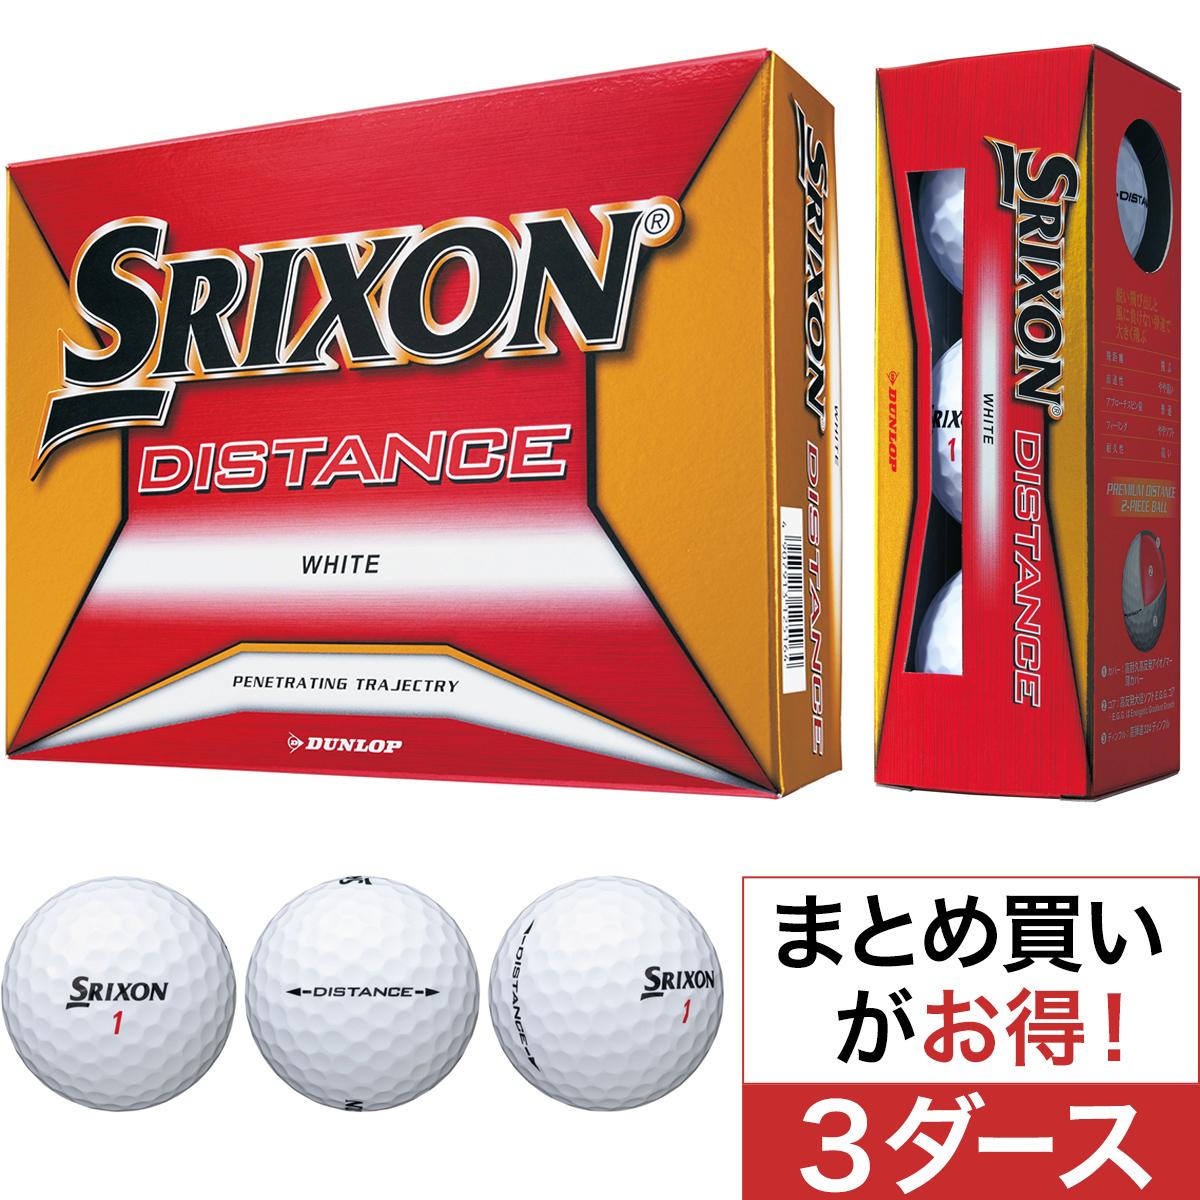 スリクソン DISTANCE8 ボール 3ダースセット